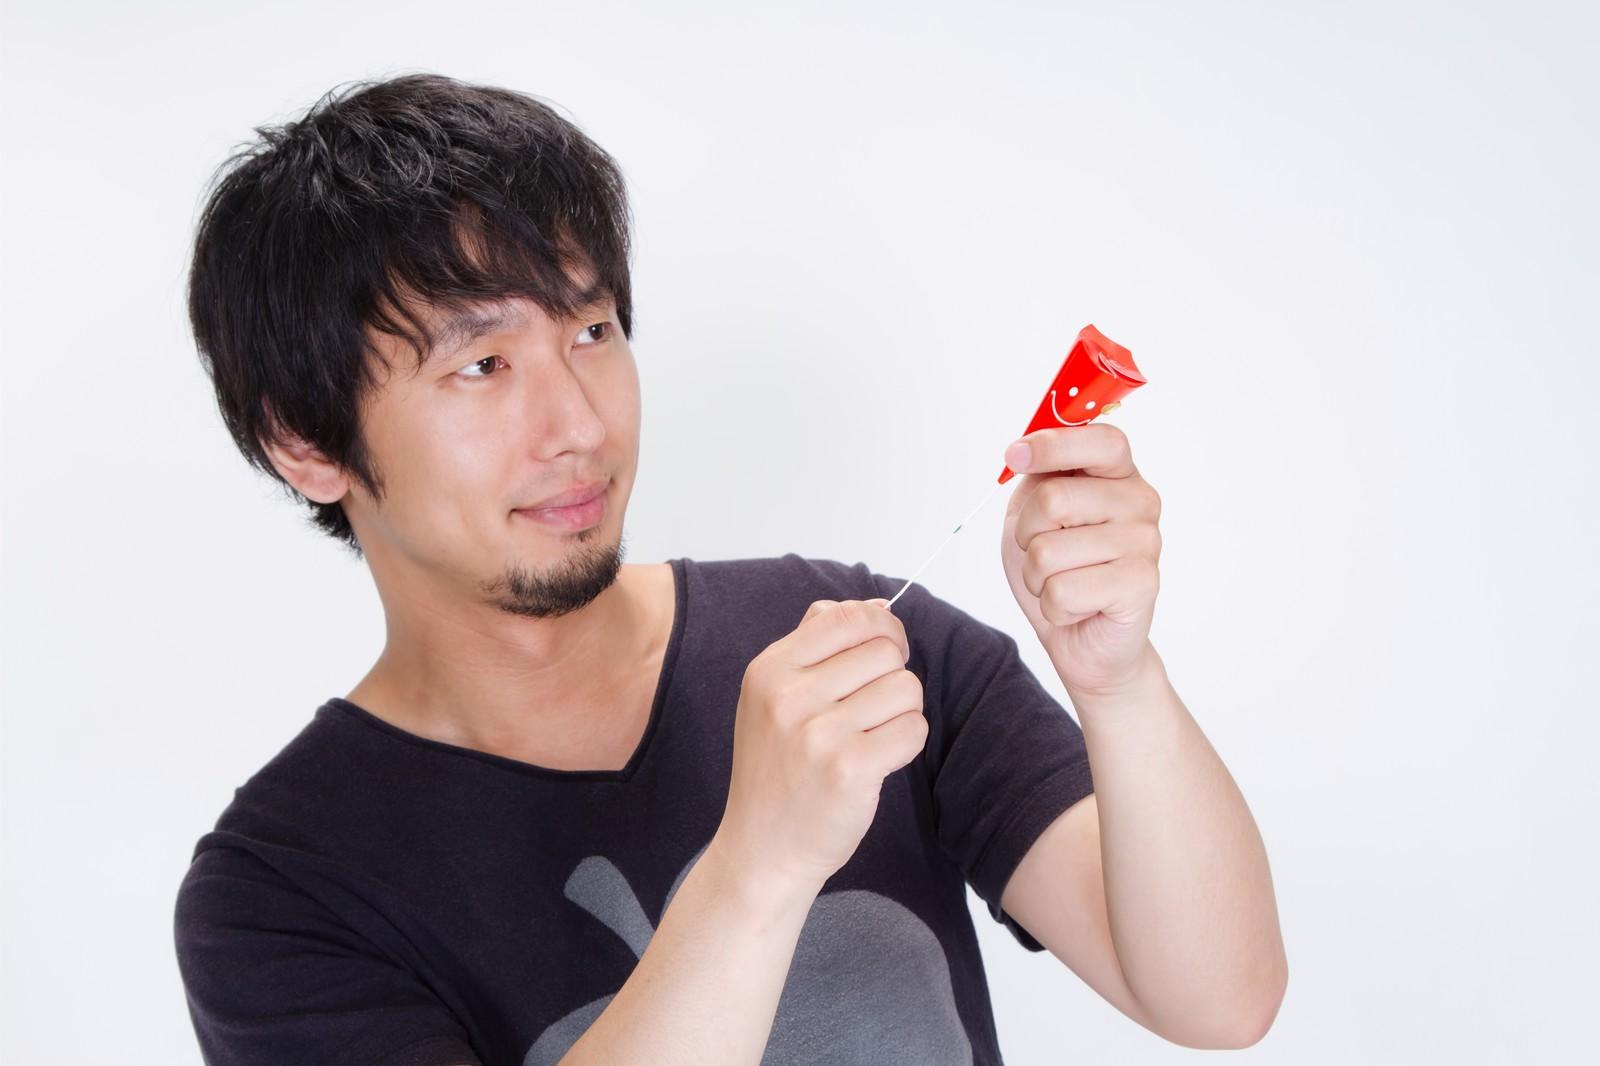 祝!黒田投手200勝!感動をありがとう!